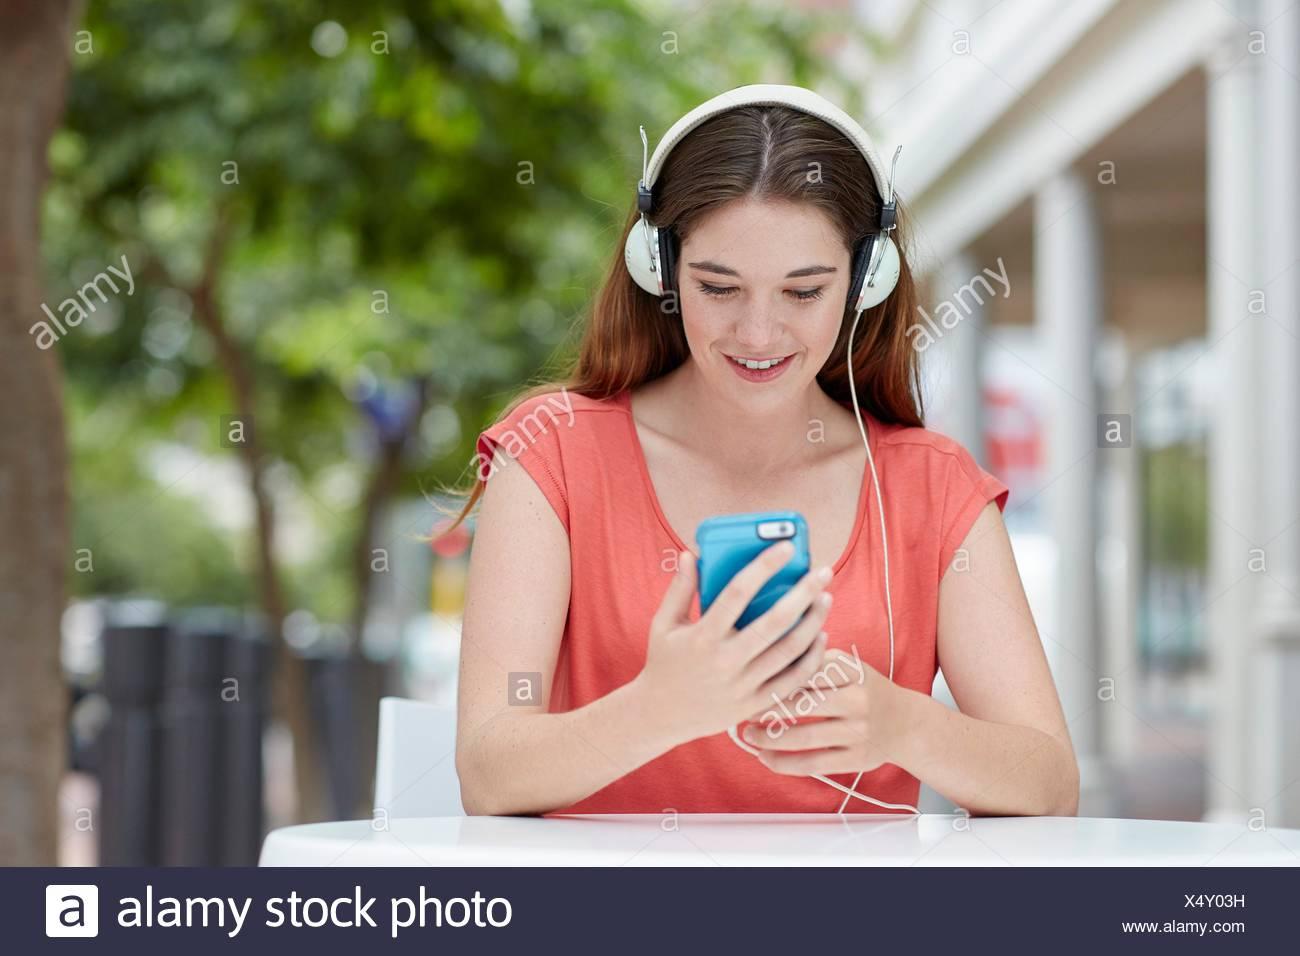 Parution du modèle. Young woman wearing headphones listening to music sur smartphone. Banque D'Images